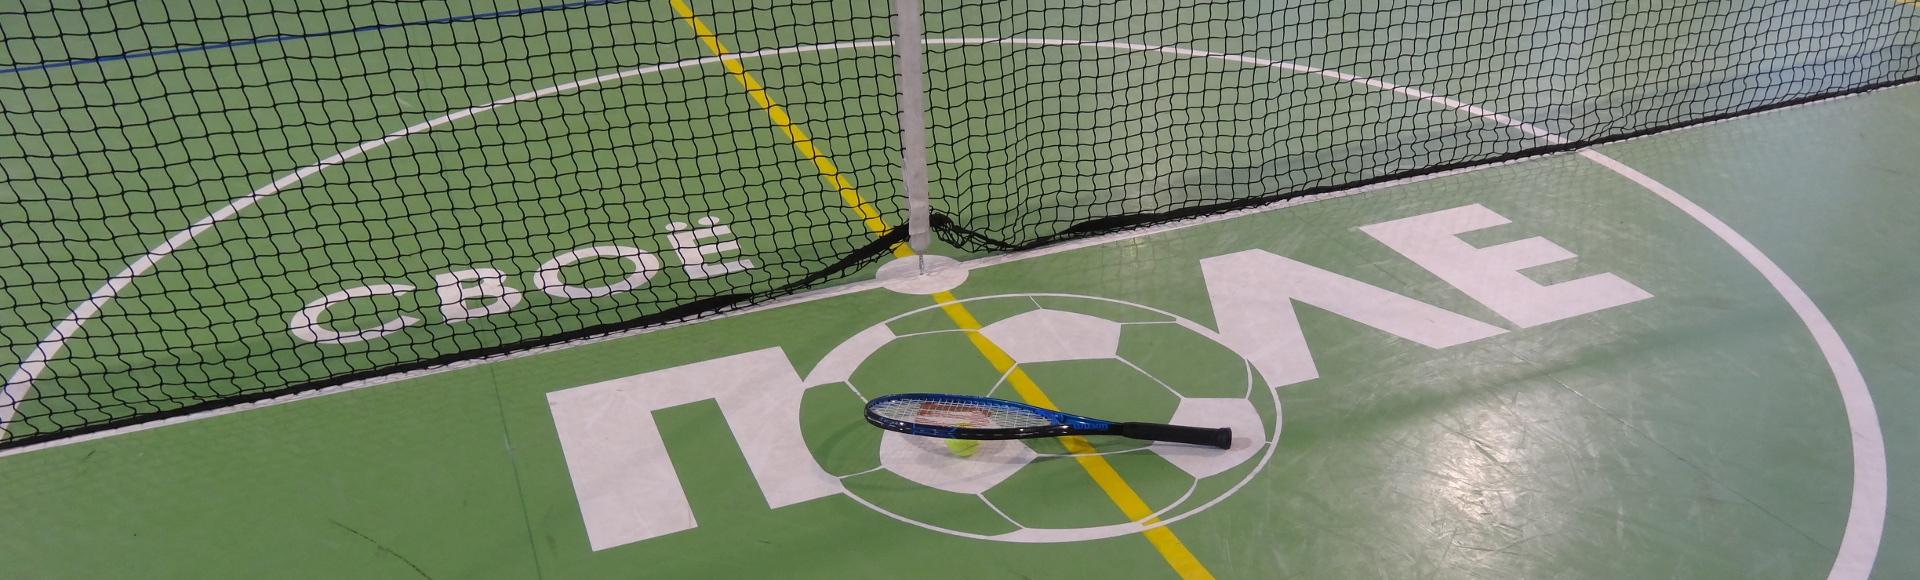 Зал оборудован для игры в большой теннис